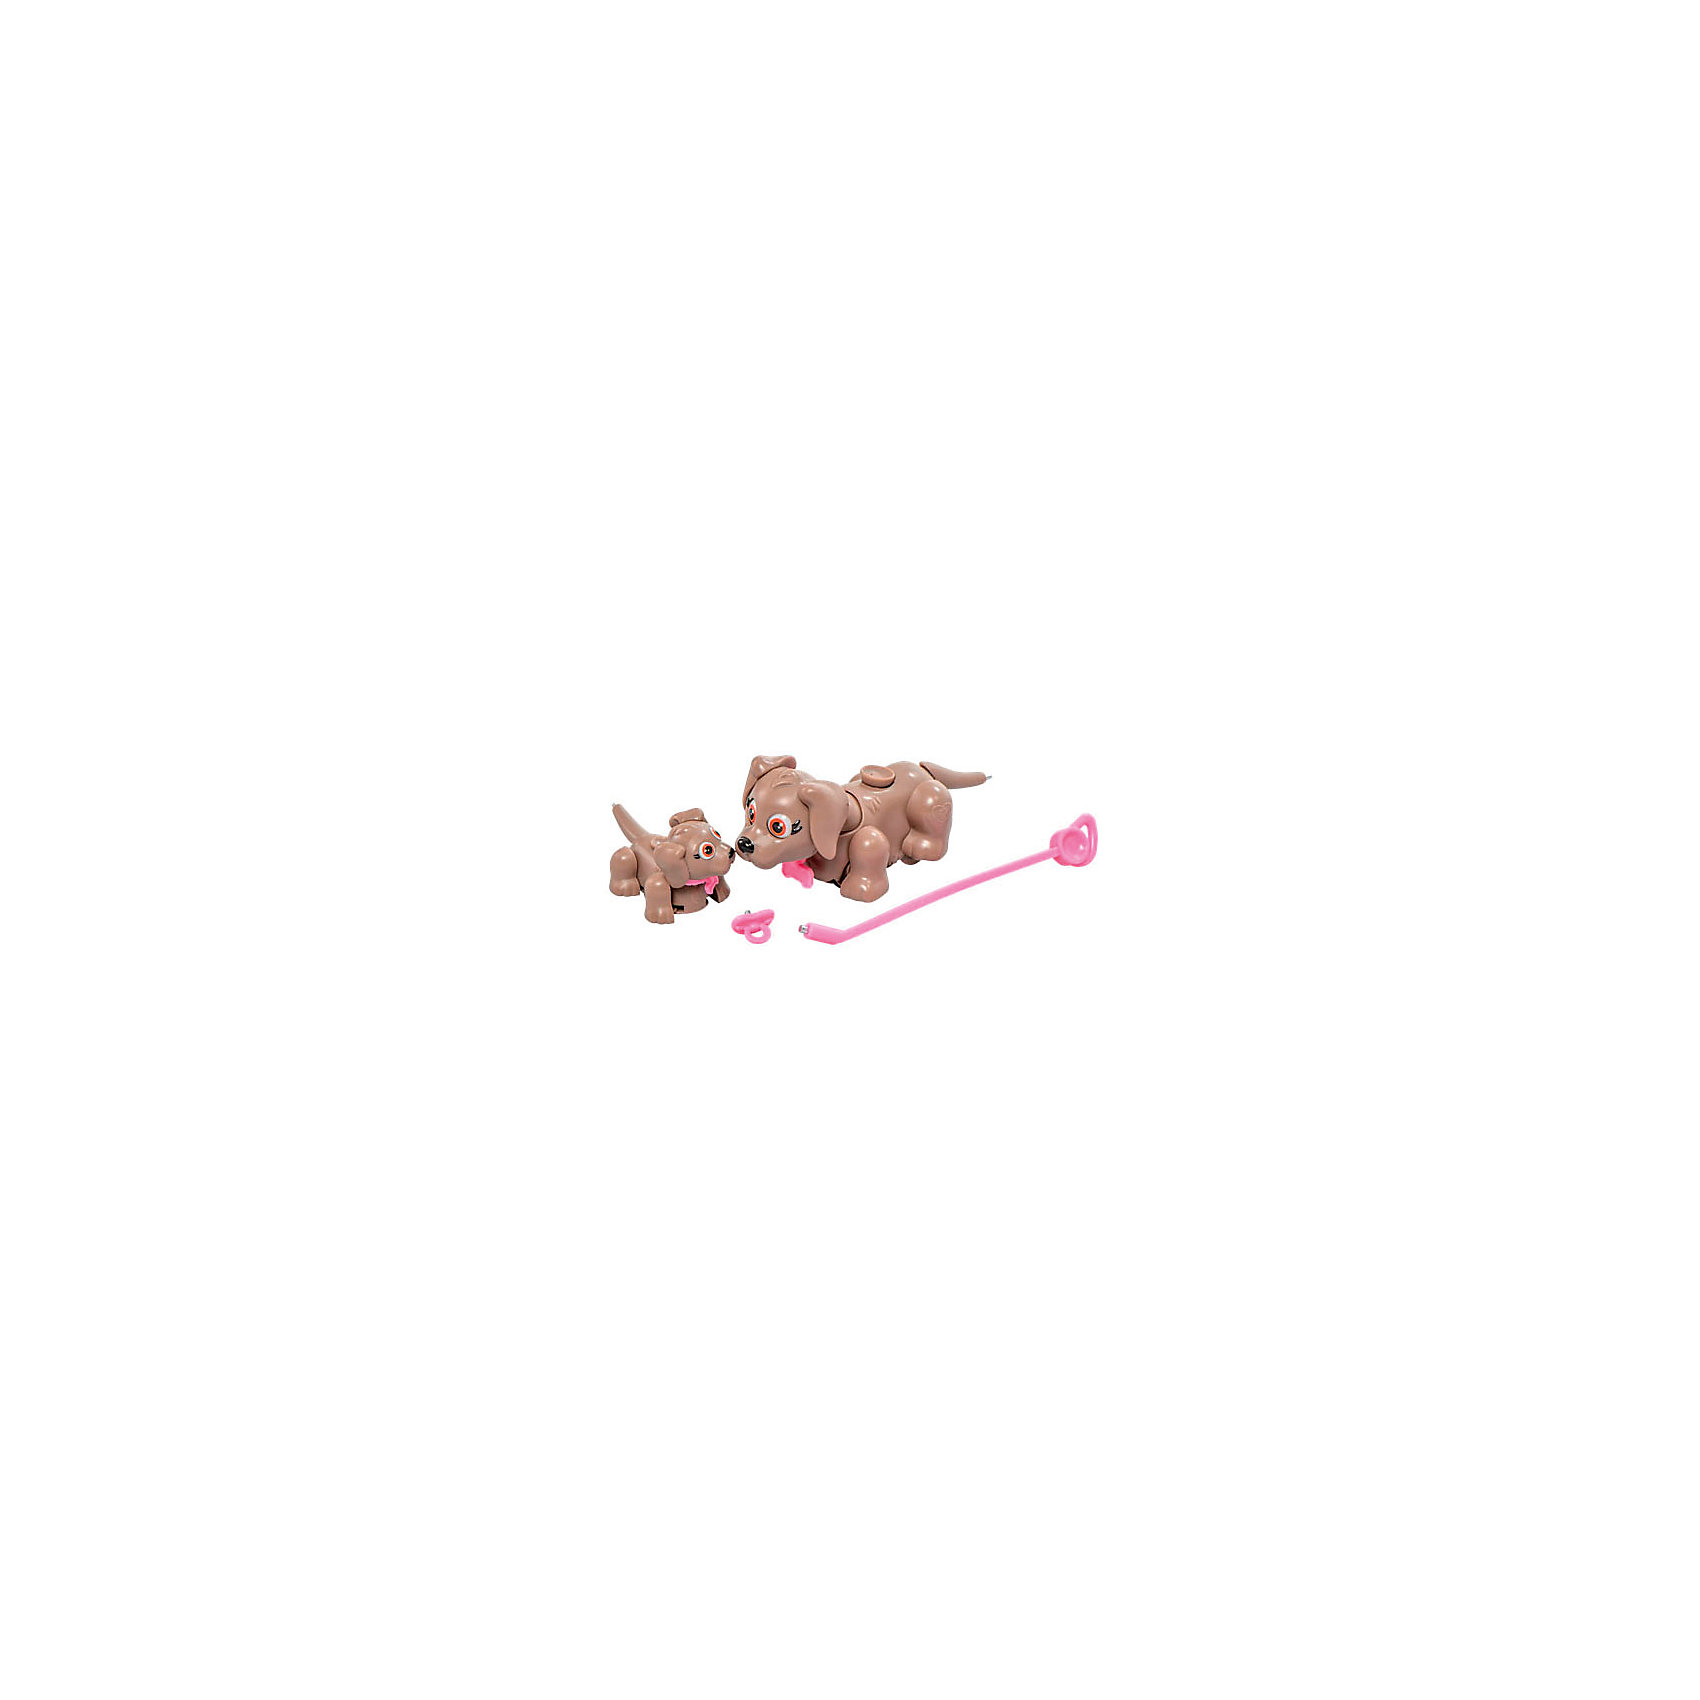 Игровой набор Семья коричневых собак, Pet Club ParadeЛюбимые герои<br>Характеристики товара:<br><br>• возраст: от 3 лет;<br>• материал: пластик;<br>• в комплекте: 2 фигурки, поводок, соска;<br>• размер фигурки: 10 см;<br>• размер упаковки: 25,5х21х6 см;<br>• вес упаковки: 191 гр.;<br>• страна производитель: Китай.<br><br>Игровой набор «Семья коричневых собак» Pet Club Parade включает в себя 2 очаровательные собачки: маму и ее щенка. Благодаря колесикам они забавно перемещаются по поверхности, передвигая лапками. Прикрепив поводок, собачки отправятся на прогулку. <br><br>На спинке расположен джойстик, который управляет головой, хвостиком и глазками. Собака умеет хлопать глазками, вилять хвостиком и качать головой. В носике щенка спрятан магнит, который позволяет питомцу взаимодействовать с предметами. Мама может покормить щеночка при помощи пустышки.<br><br>Игровой набор «Семья коричневых собак» Pet Club Parade можно приобрести в нашем интернет-магазине.<br><br>Ширина мм: 260<br>Глубина мм: 210<br>Высота мм: 60<br>Вес г: 191<br>Возраст от месяцев: 108<br>Возраст до месяцев: 2147483647<br>Пол: Женский<br>Возраст: Детский<br>SKU: 6838692